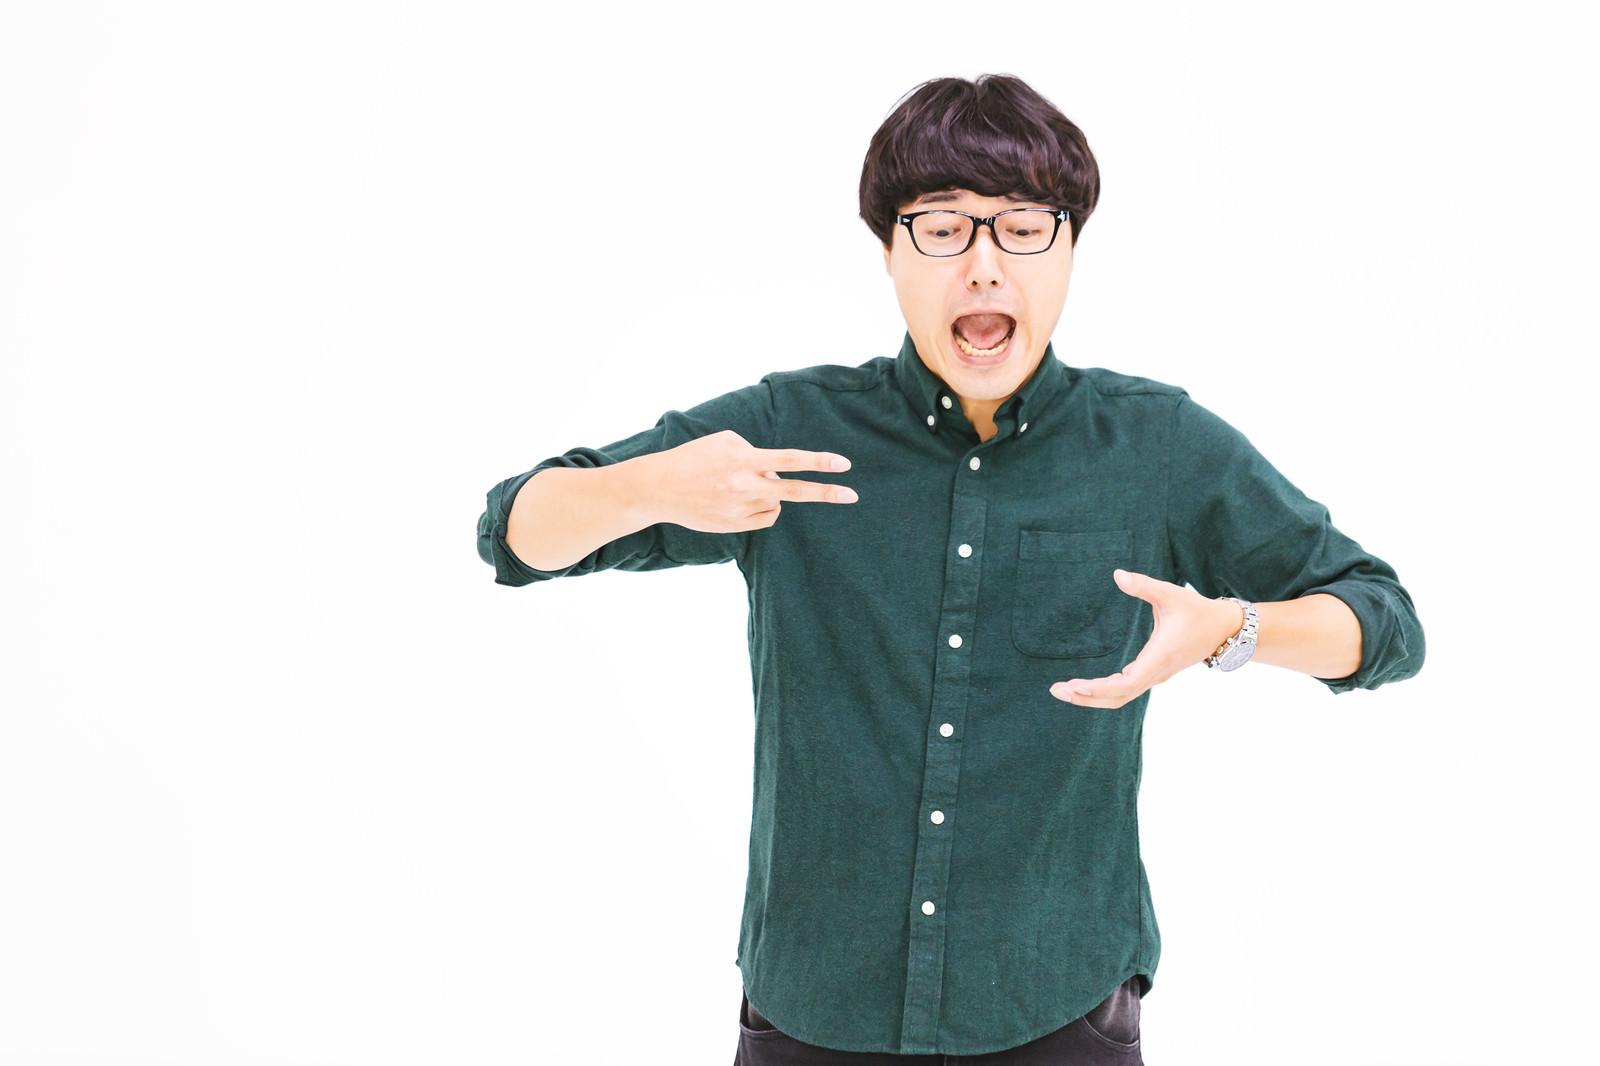 天ぷらの上手な揚げ方5つのコツ|サクサク天ぷらを作ろう!